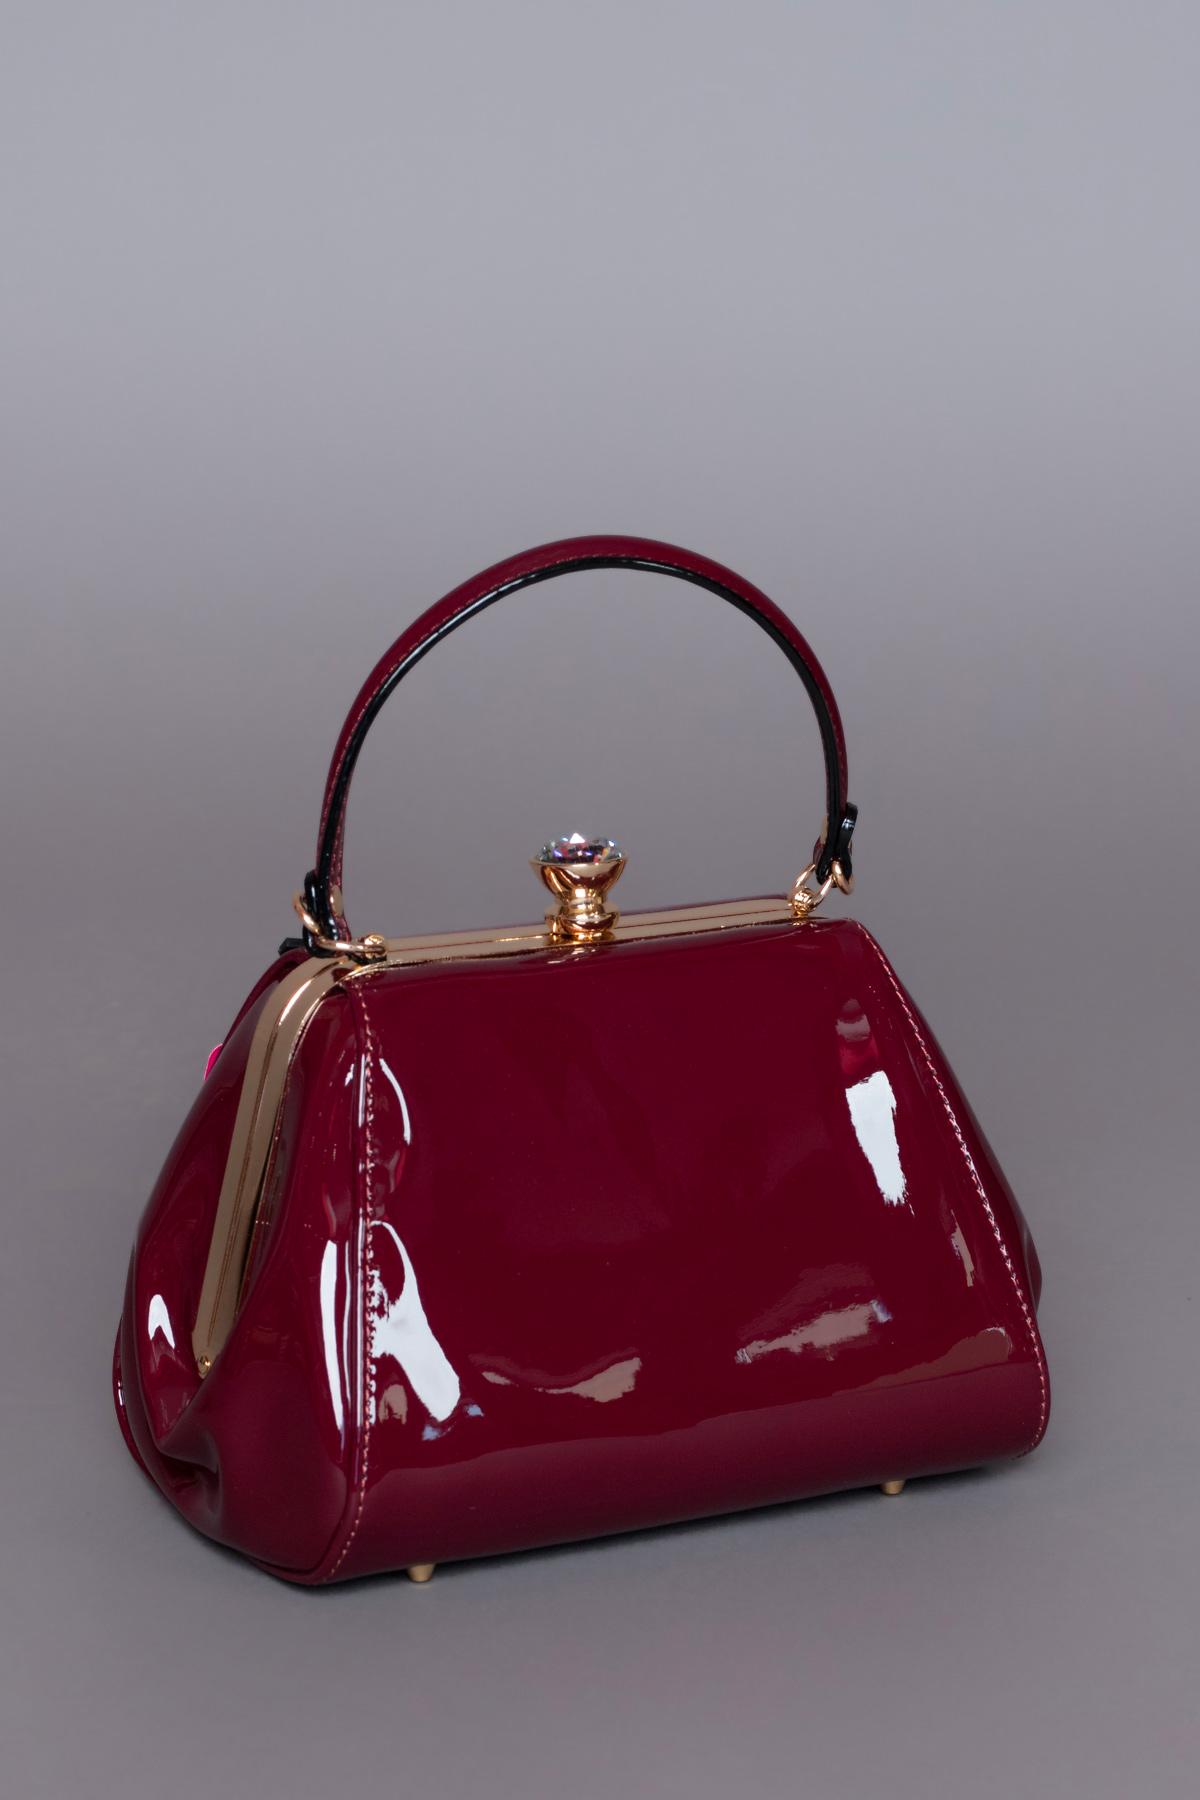 Μπορντώ λουστρίνι τσάντα, με αποσπώμενο μακρύ λουράκι, ιδανική για μια απογευματινή ή βραδινή εμφάνιση.